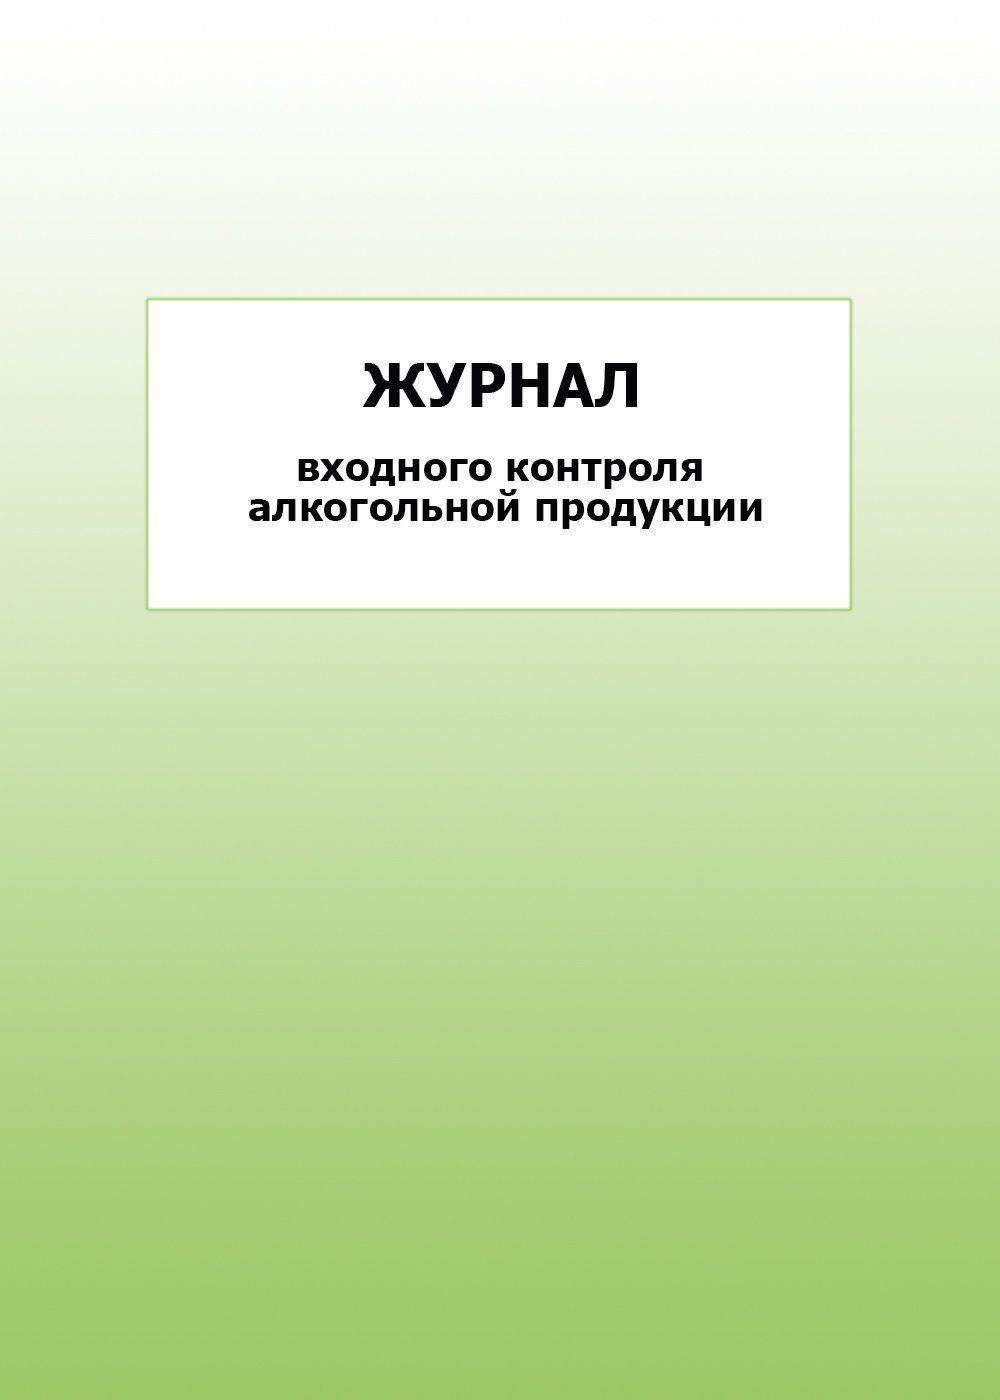 Журнал входного контроля алкогольной продукции: упаковка 100 шт.